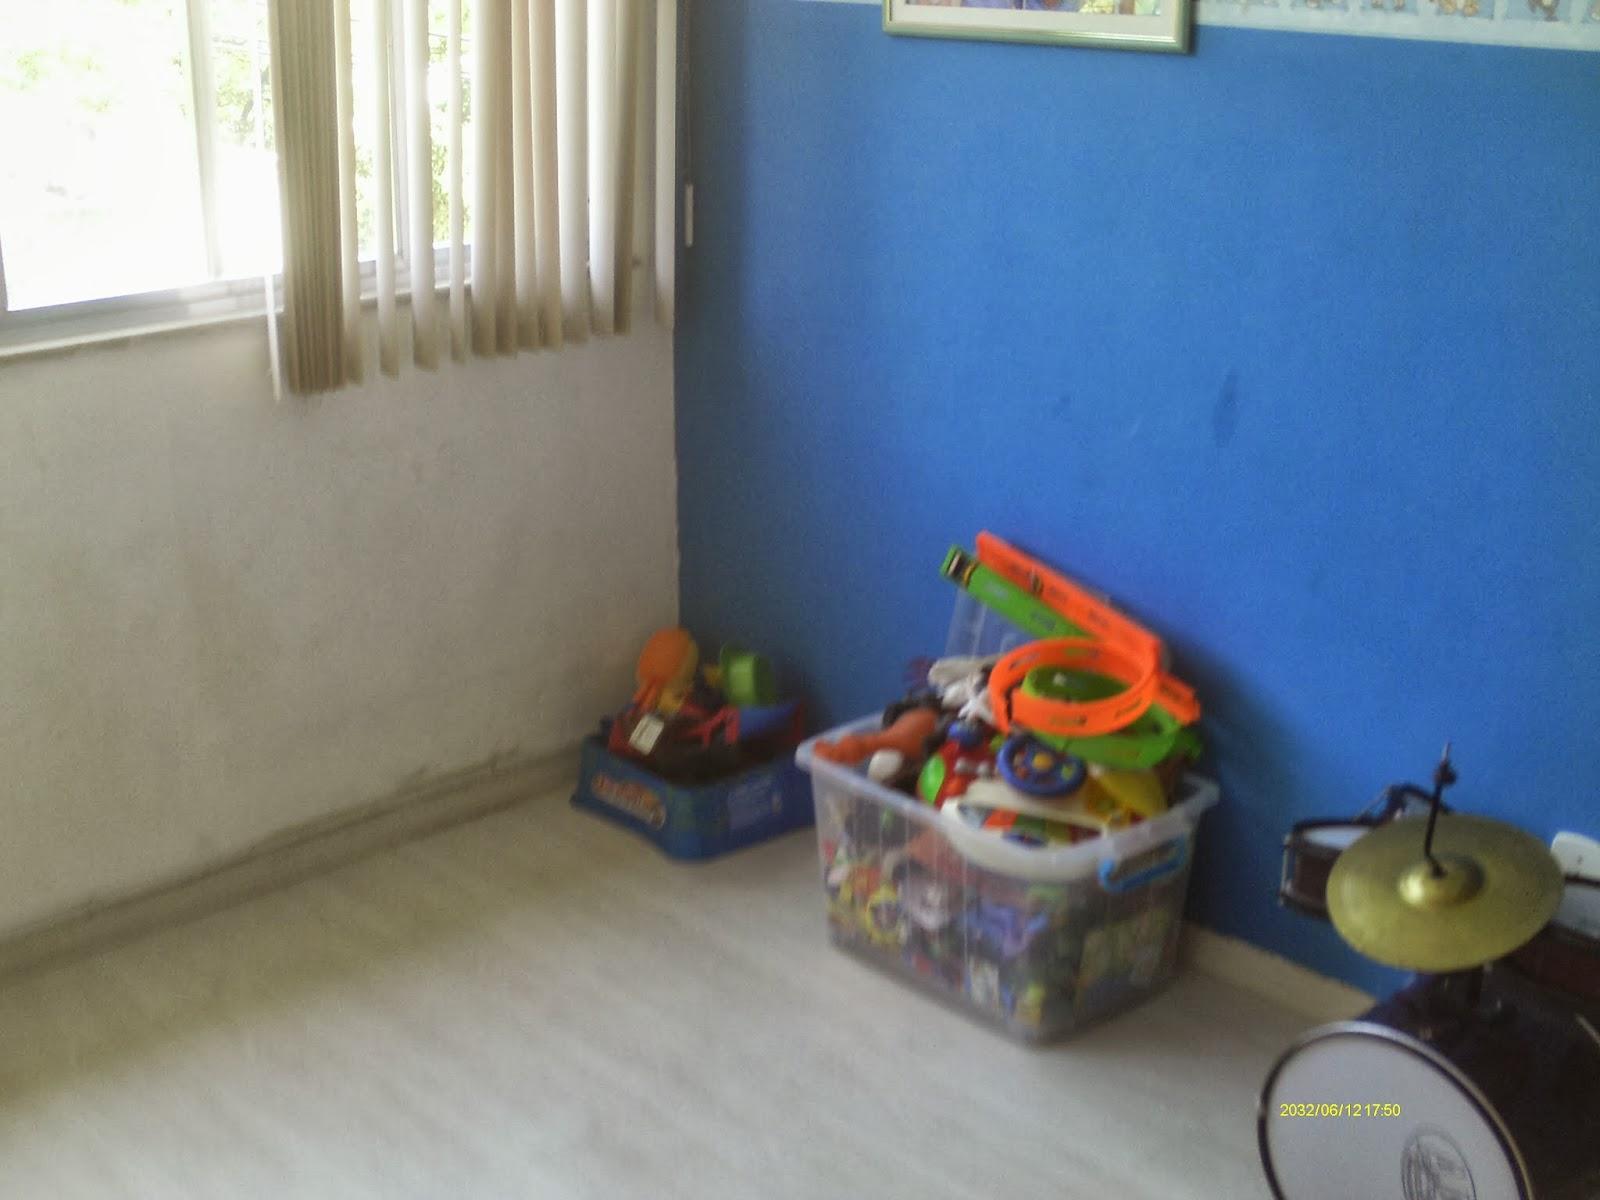 Imagens de #325F99 Casa Cocotá Ilha do Governador Avelino Freire Imóveis 1600x1200 px 2886 Box Banheiro Ilha Do Governador